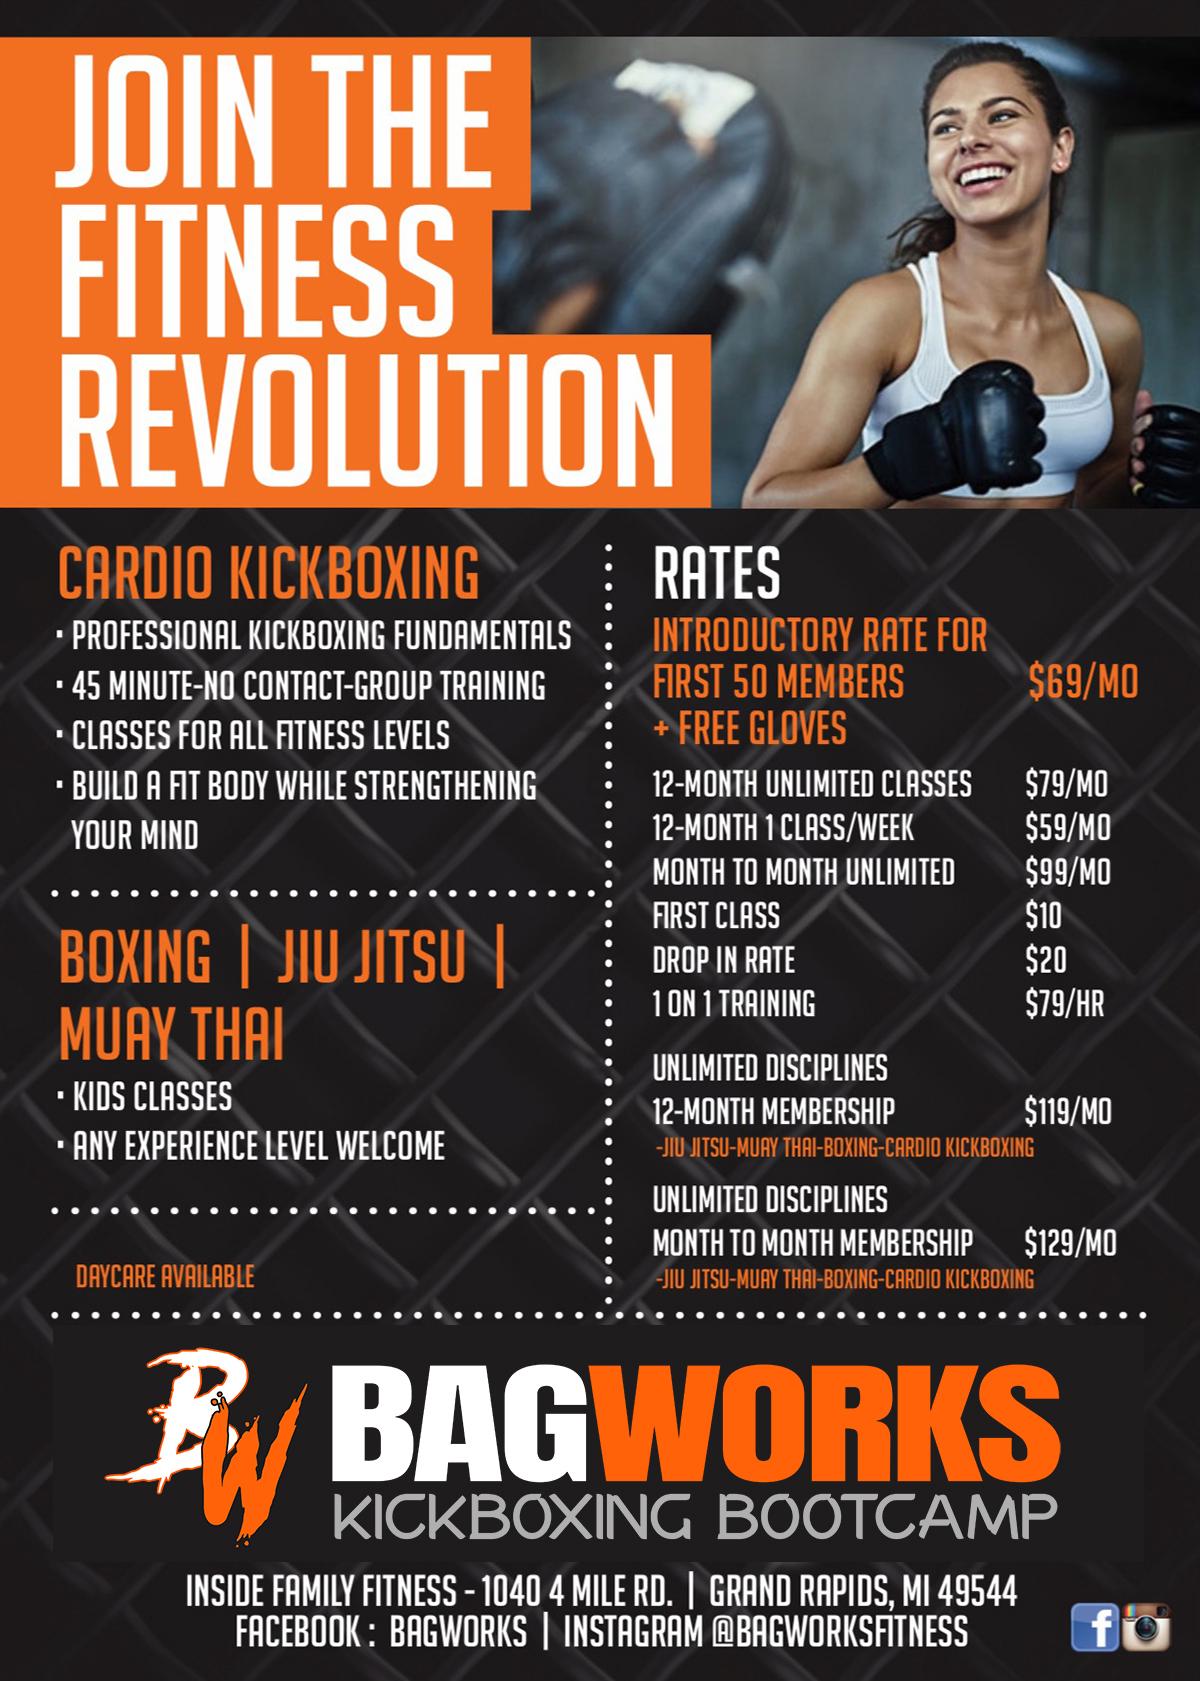 Bagworks Kickboxing Bootcamp Membership Pricing Menu